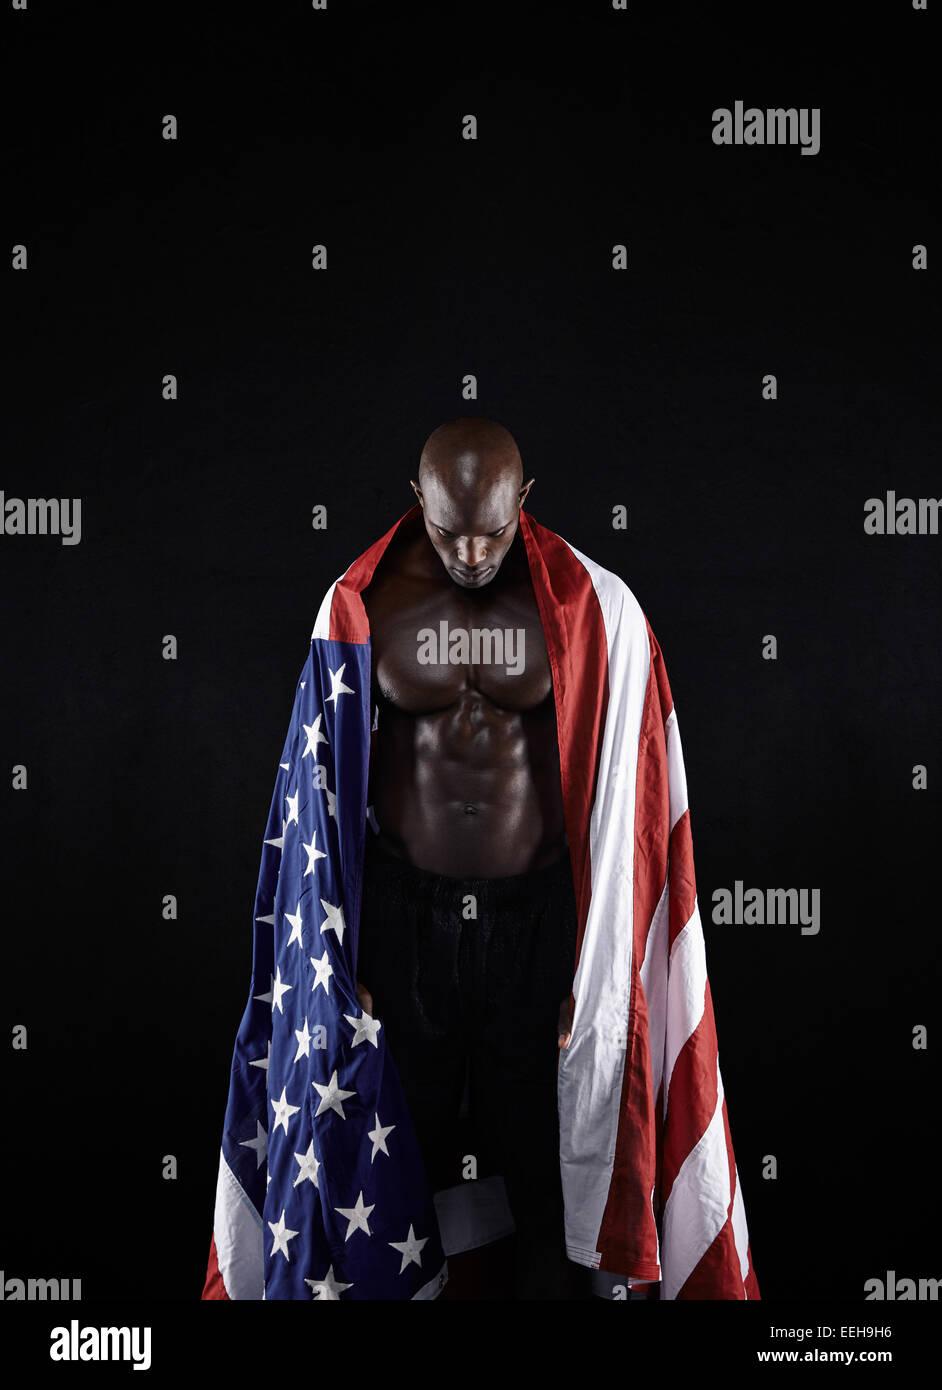 Nackter Oberkörper muskulöser Mann mit amerikanischen Flagge auf schwarzem Hintergrund. Olympics Athleten Stockbild